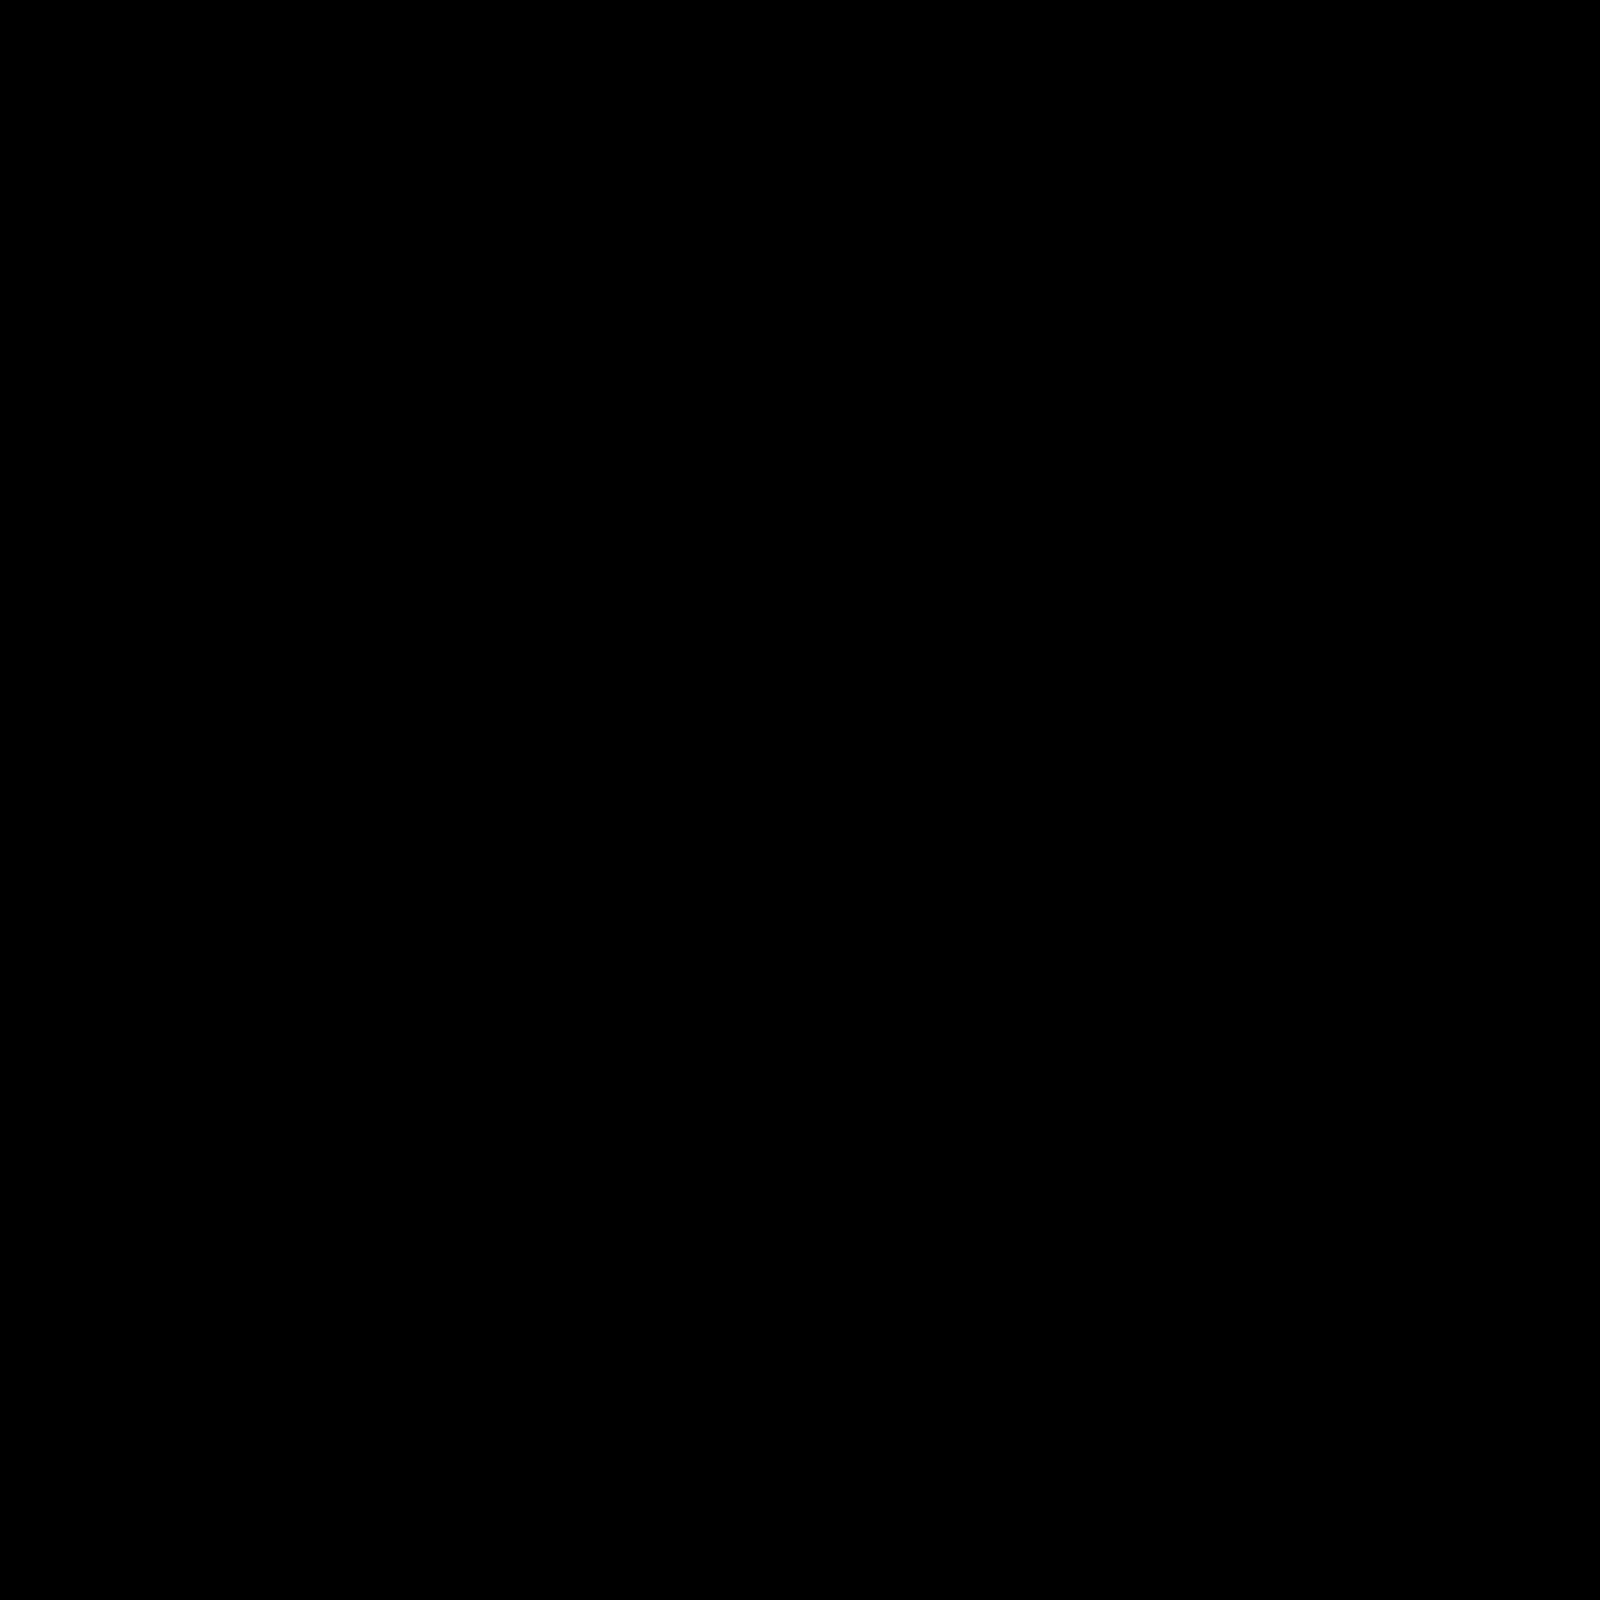 Koparka icon